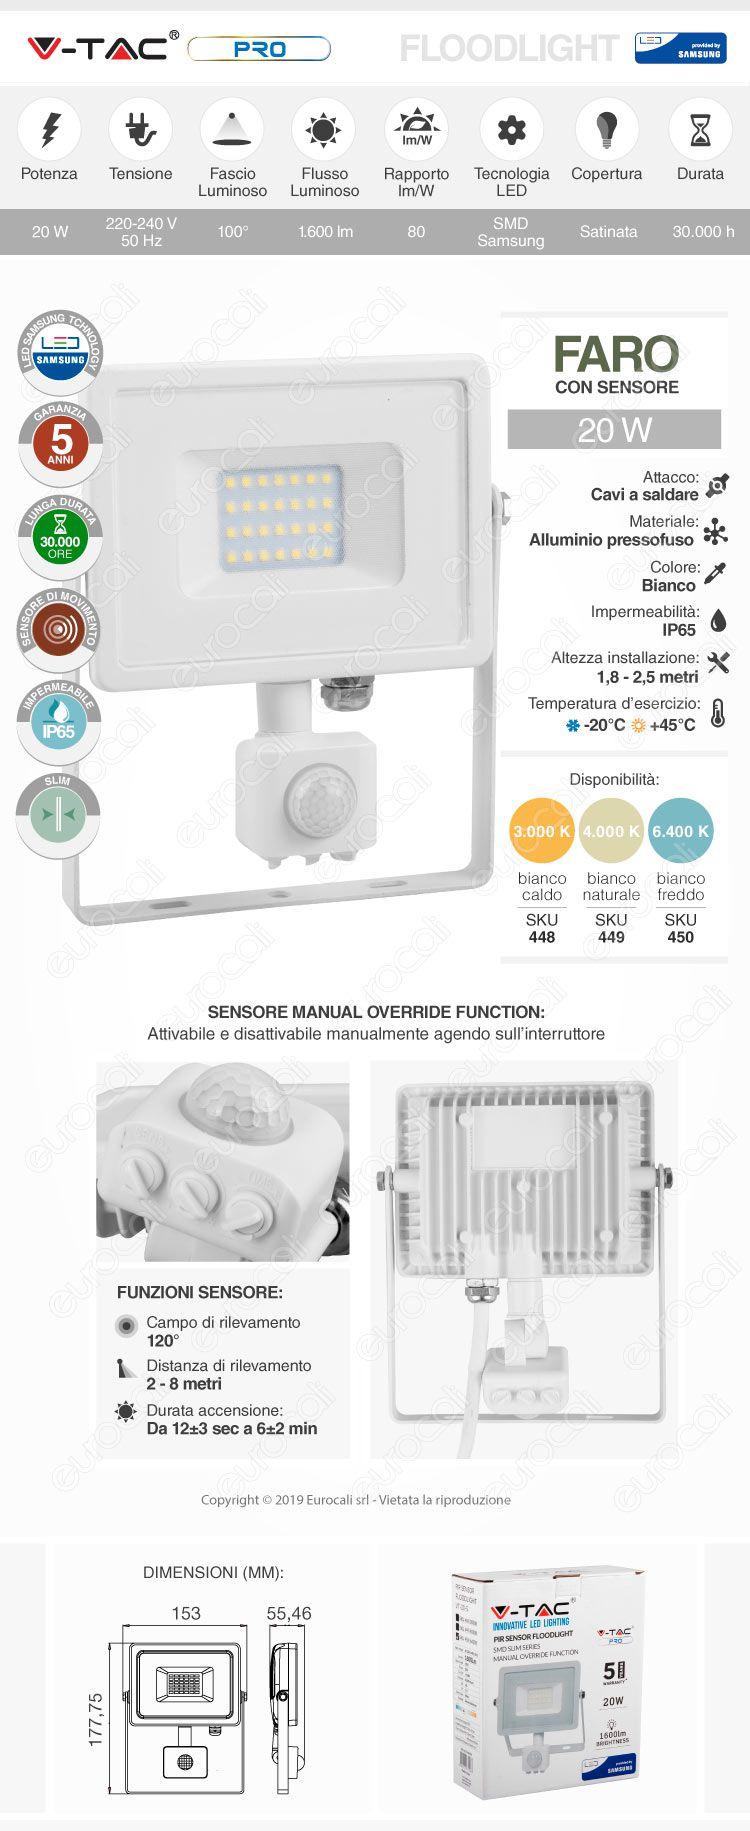 V-Tac PRO VT-20-S Faretto LED 20W Ultra Sottile Slim Chip Samsung con Sensore Colore Nero